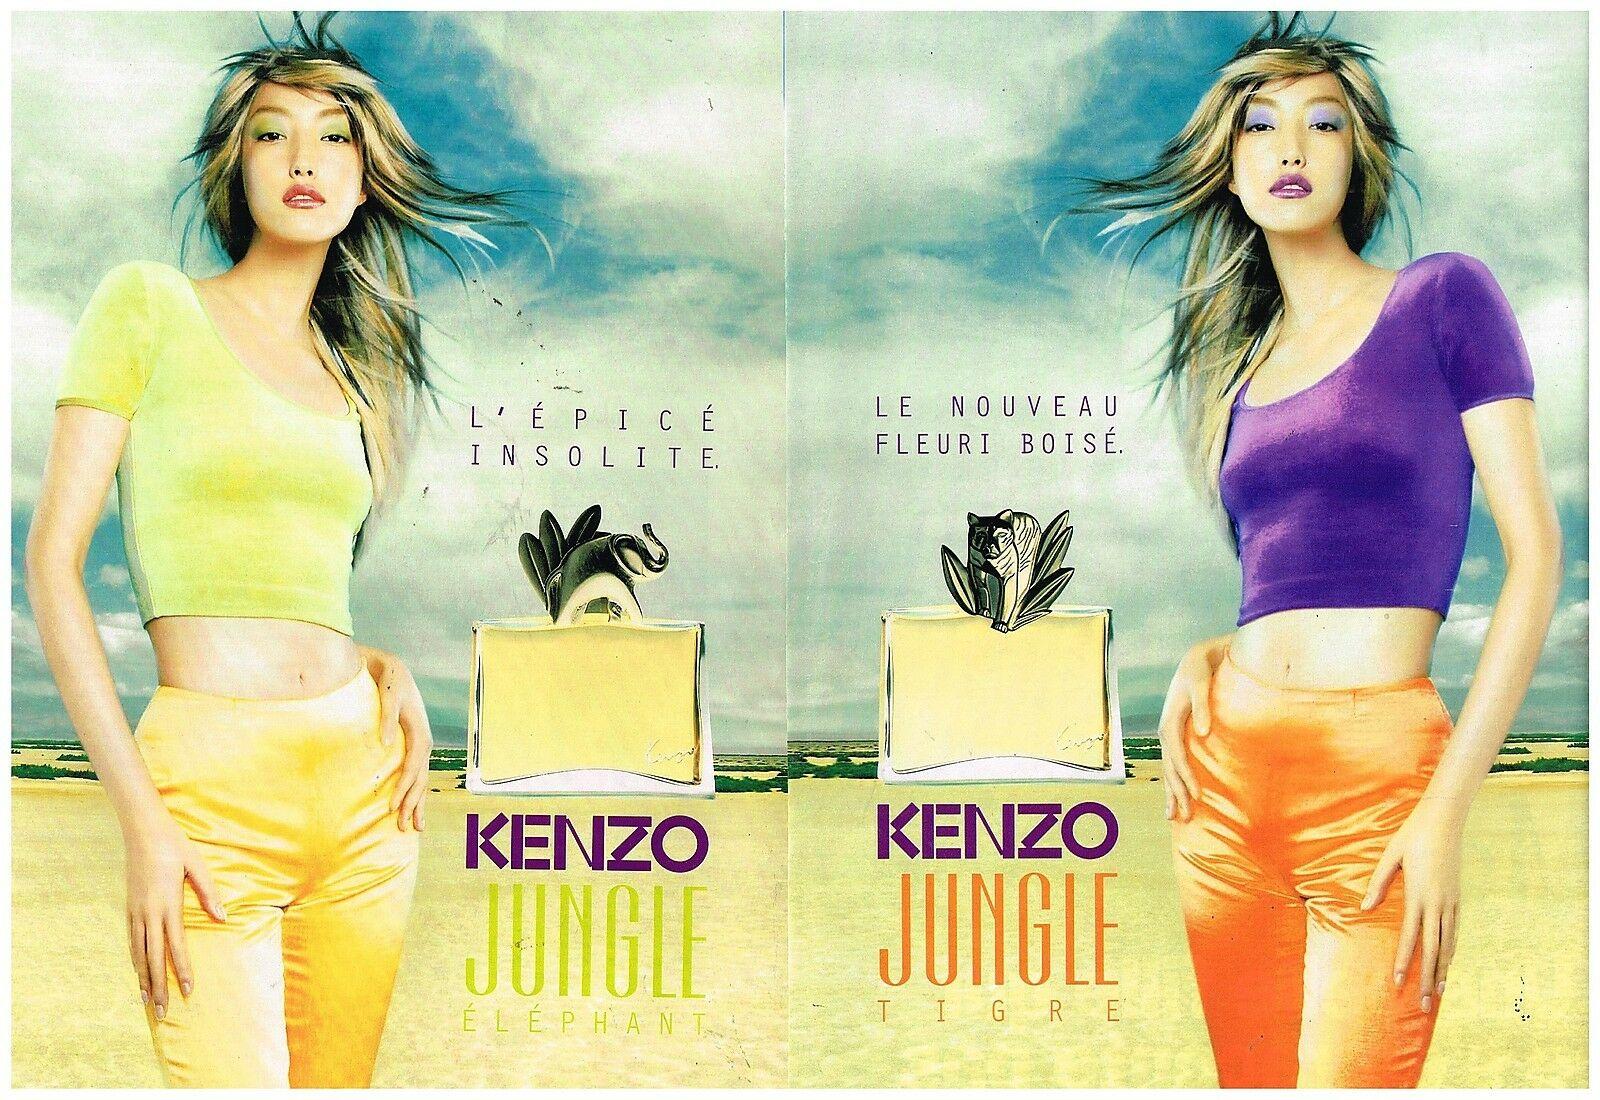 Kenzo 1997